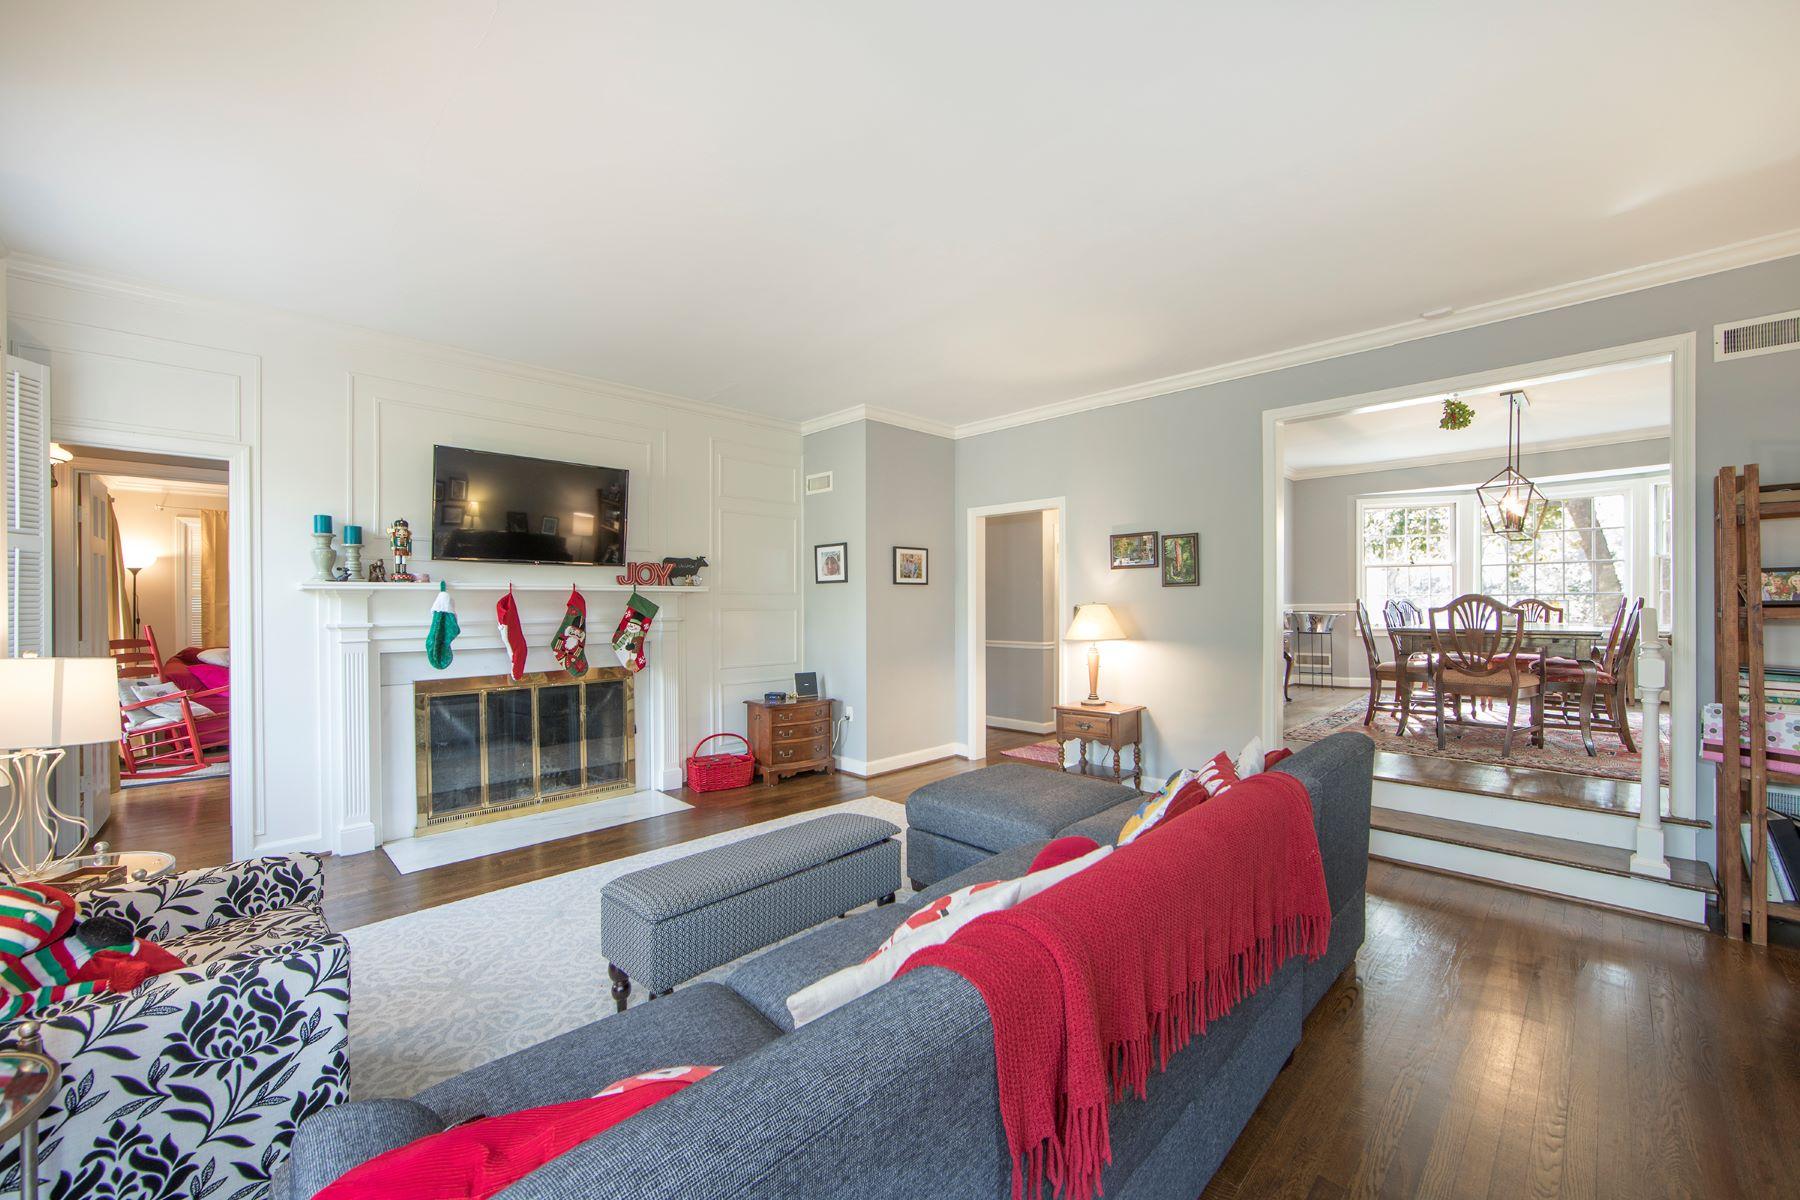 Additional photo for property listing at 107 Sylvan Way 107 Sylvan Way Greenville, South Carolina 29605 United States